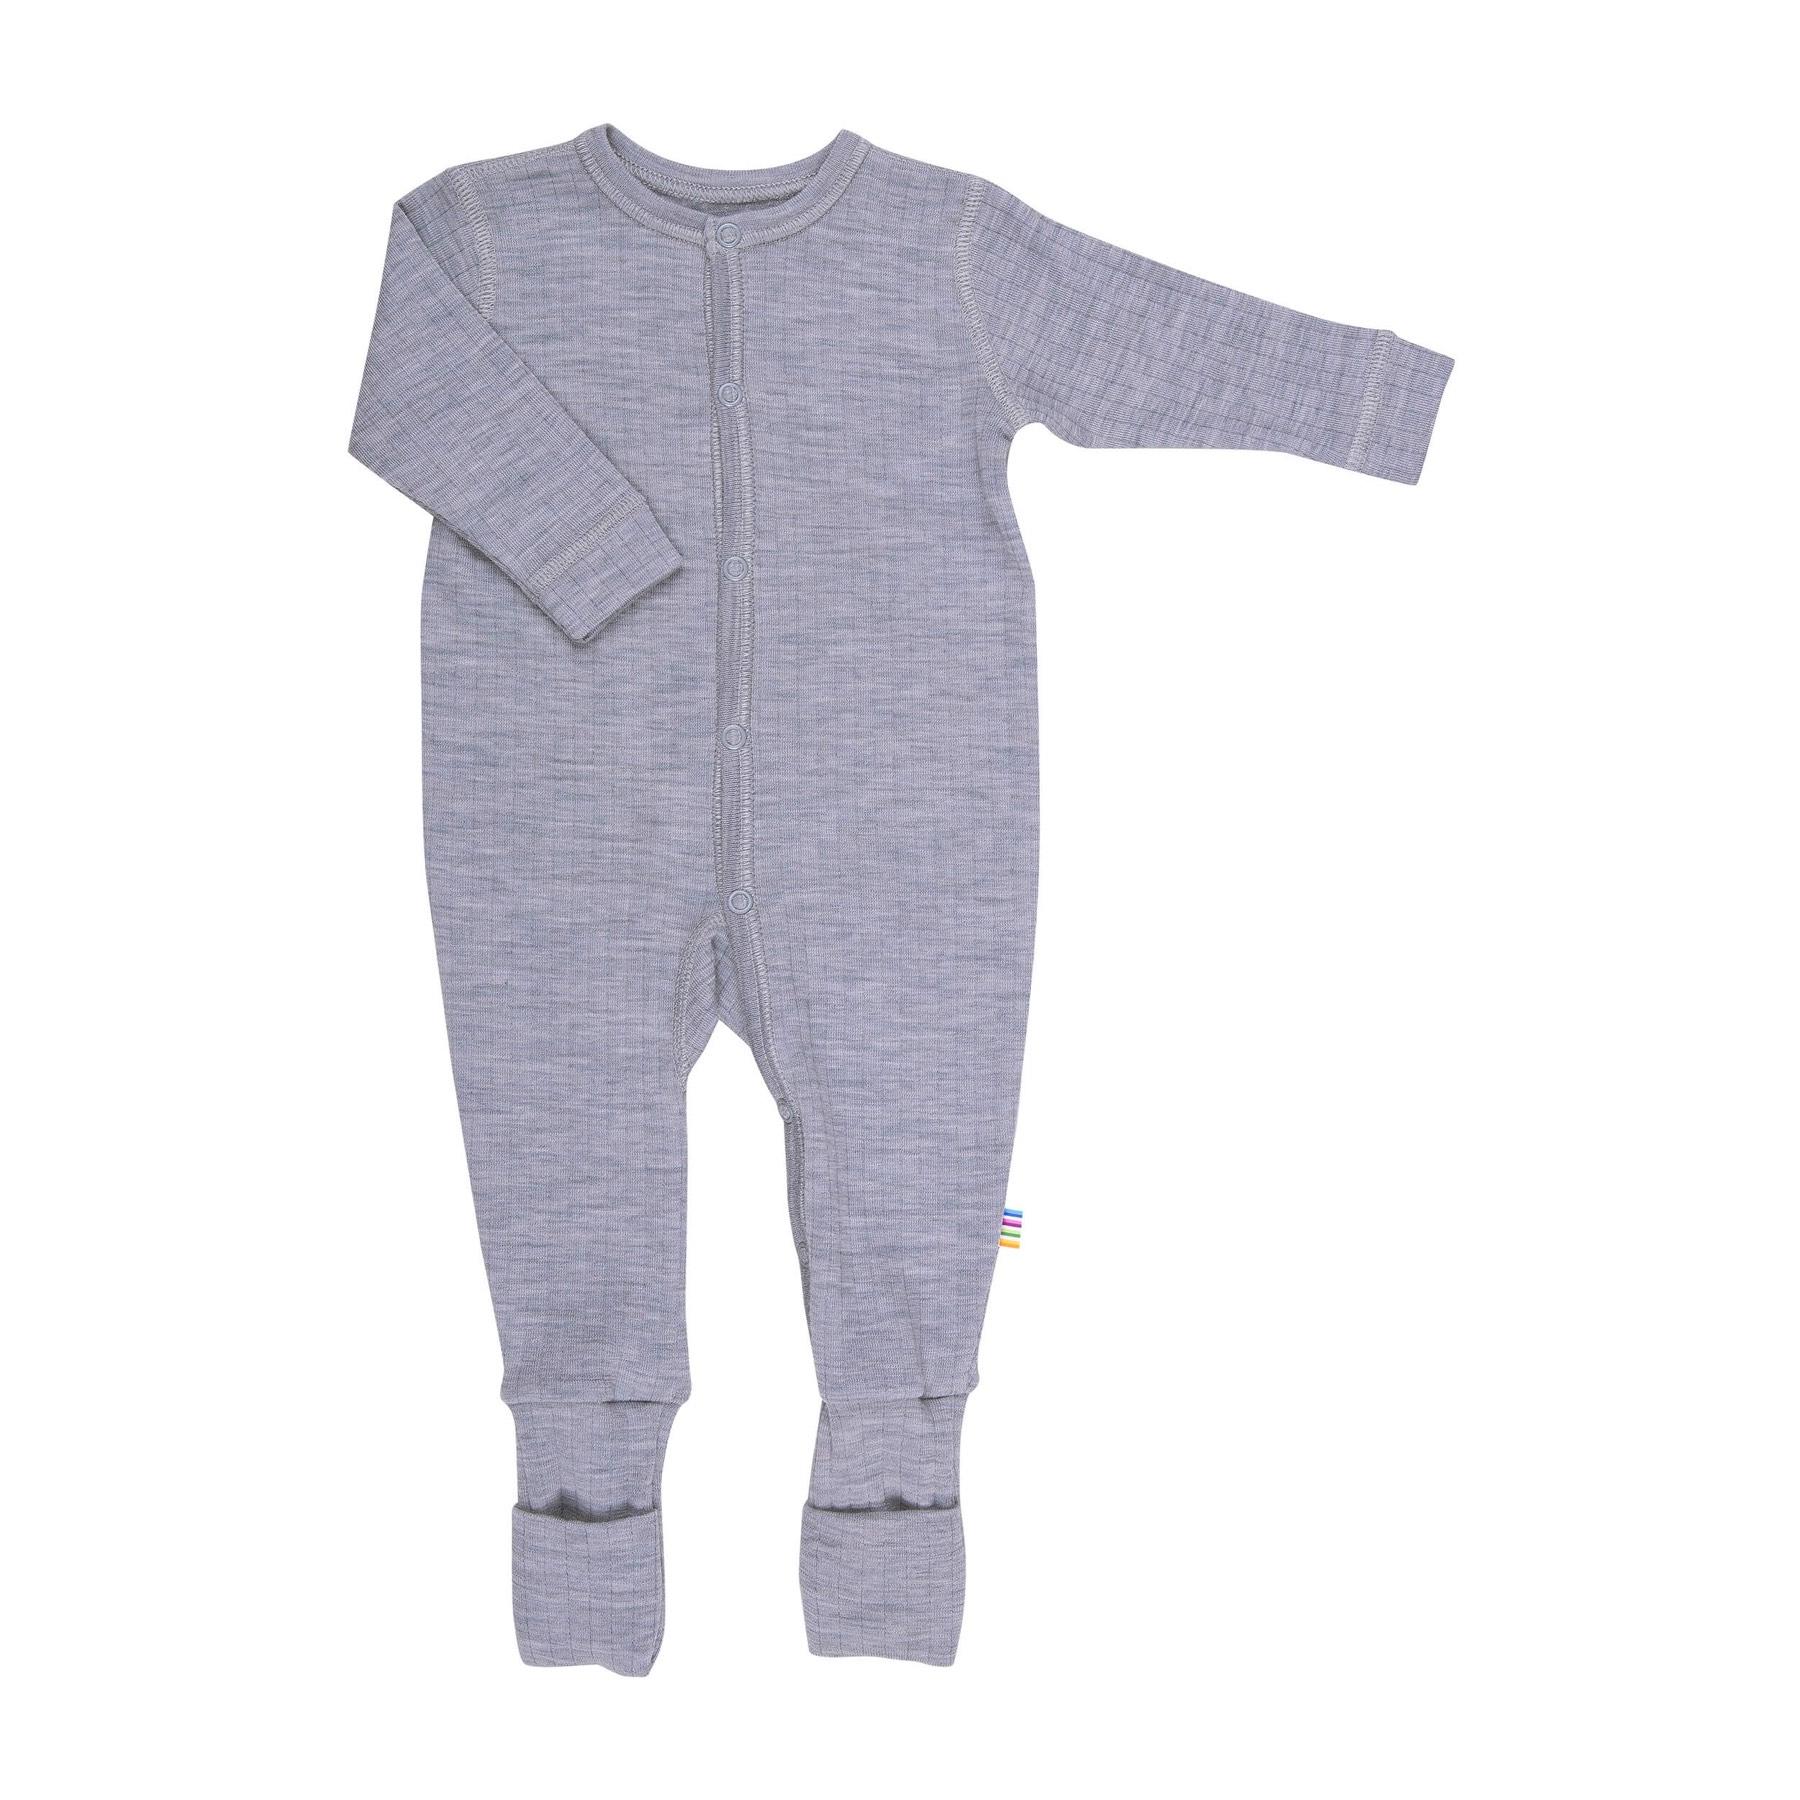 4b8a5452367 Natdragt til baby - Uld natdragte og heldragte - Stort udvalg - Se her